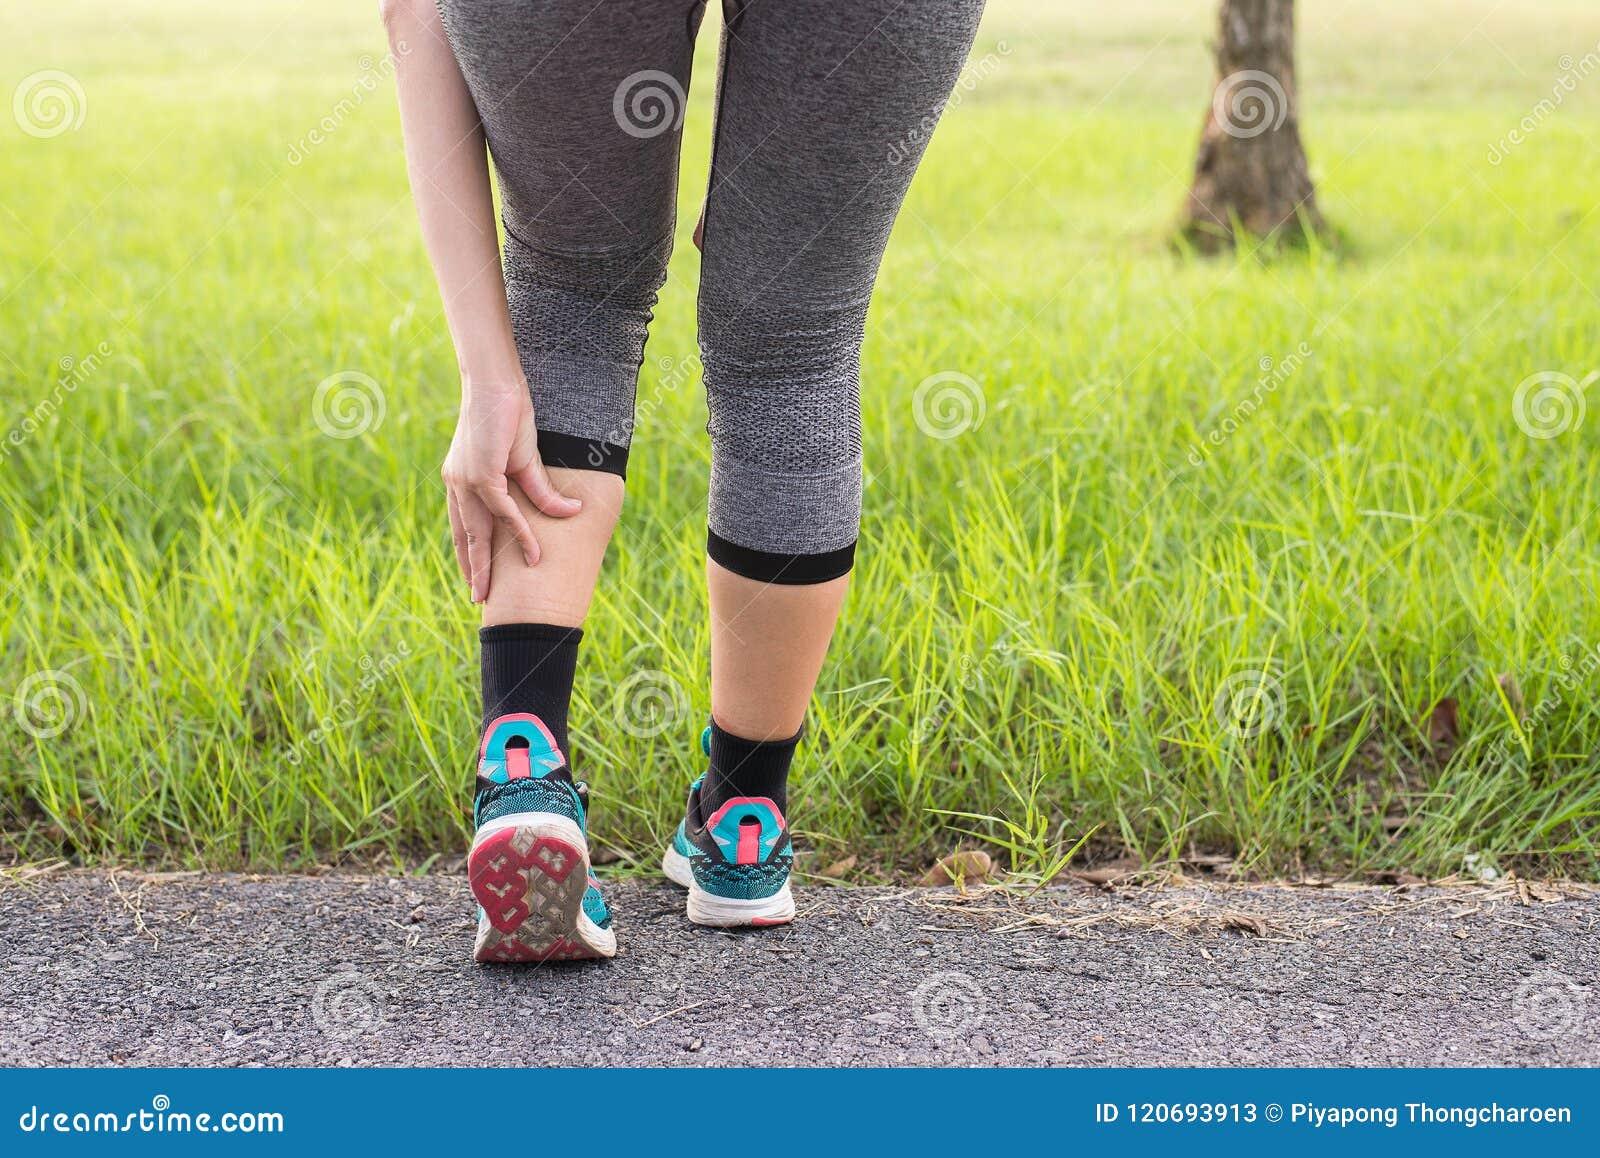 Kalfsspier in pijn met klem, Vrouw aan pijn in beenverwonding lijden na de lopende jogging van de sportoefening en training die